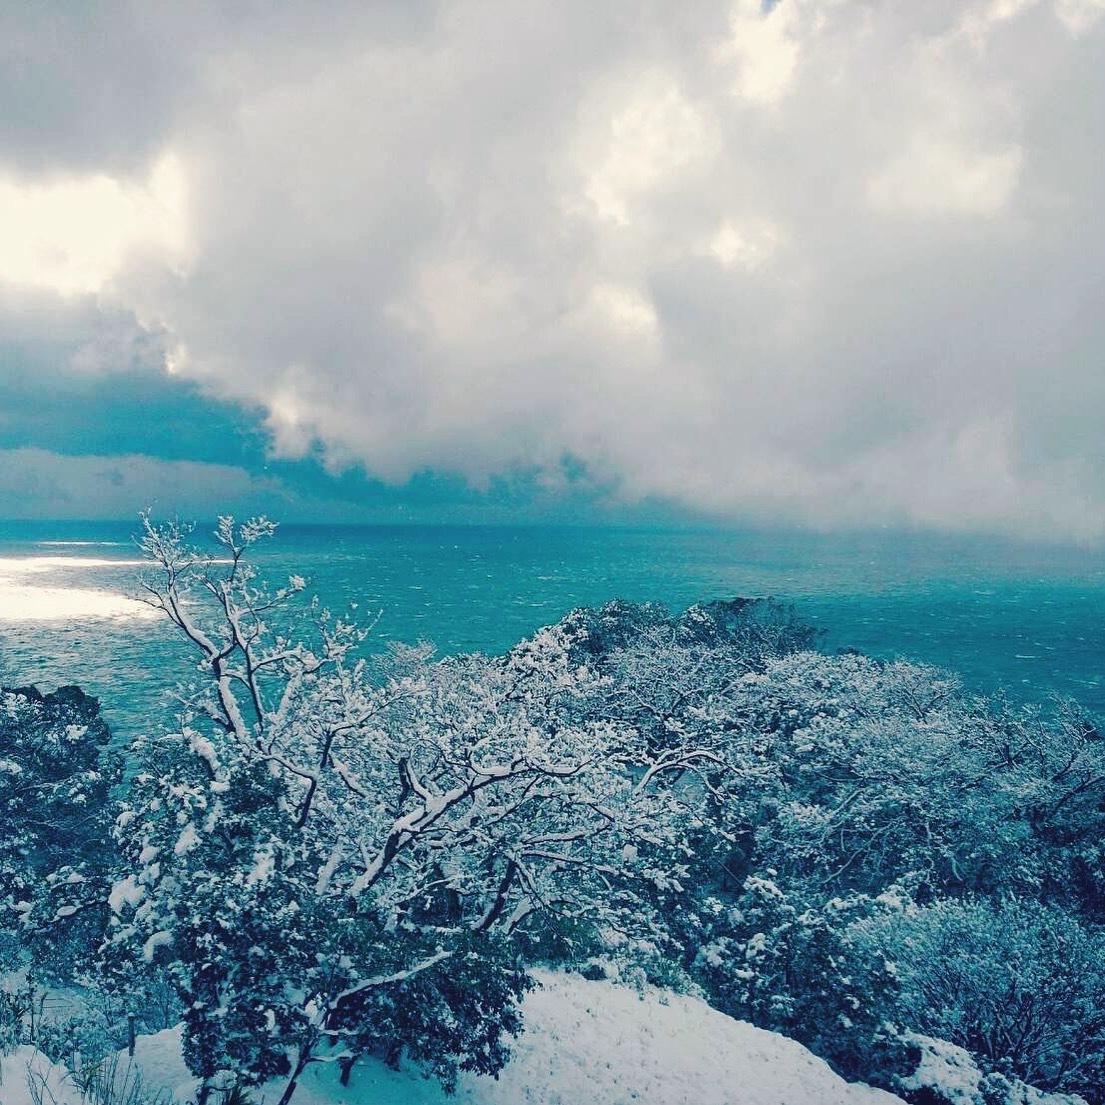 雪と日本海のコラボレーション_c0007246_21273083.jpg